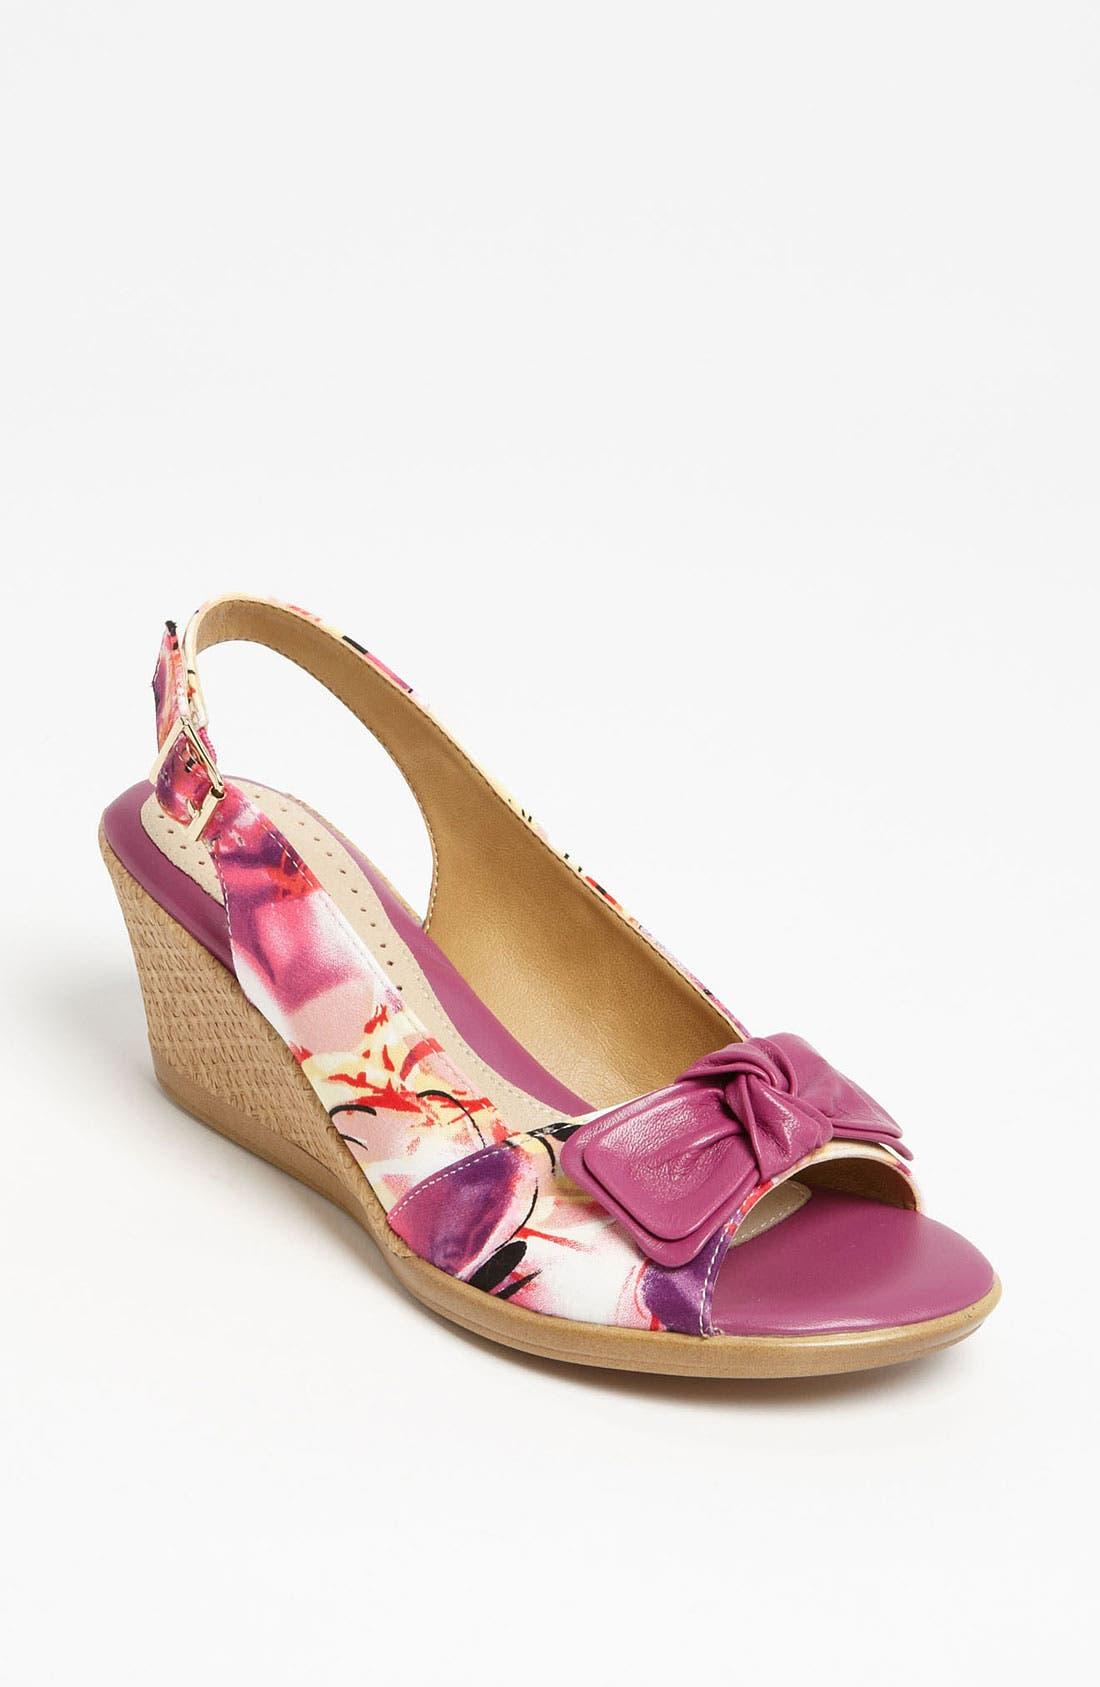 Main Image - Softspots 'Lebeau' Sandal